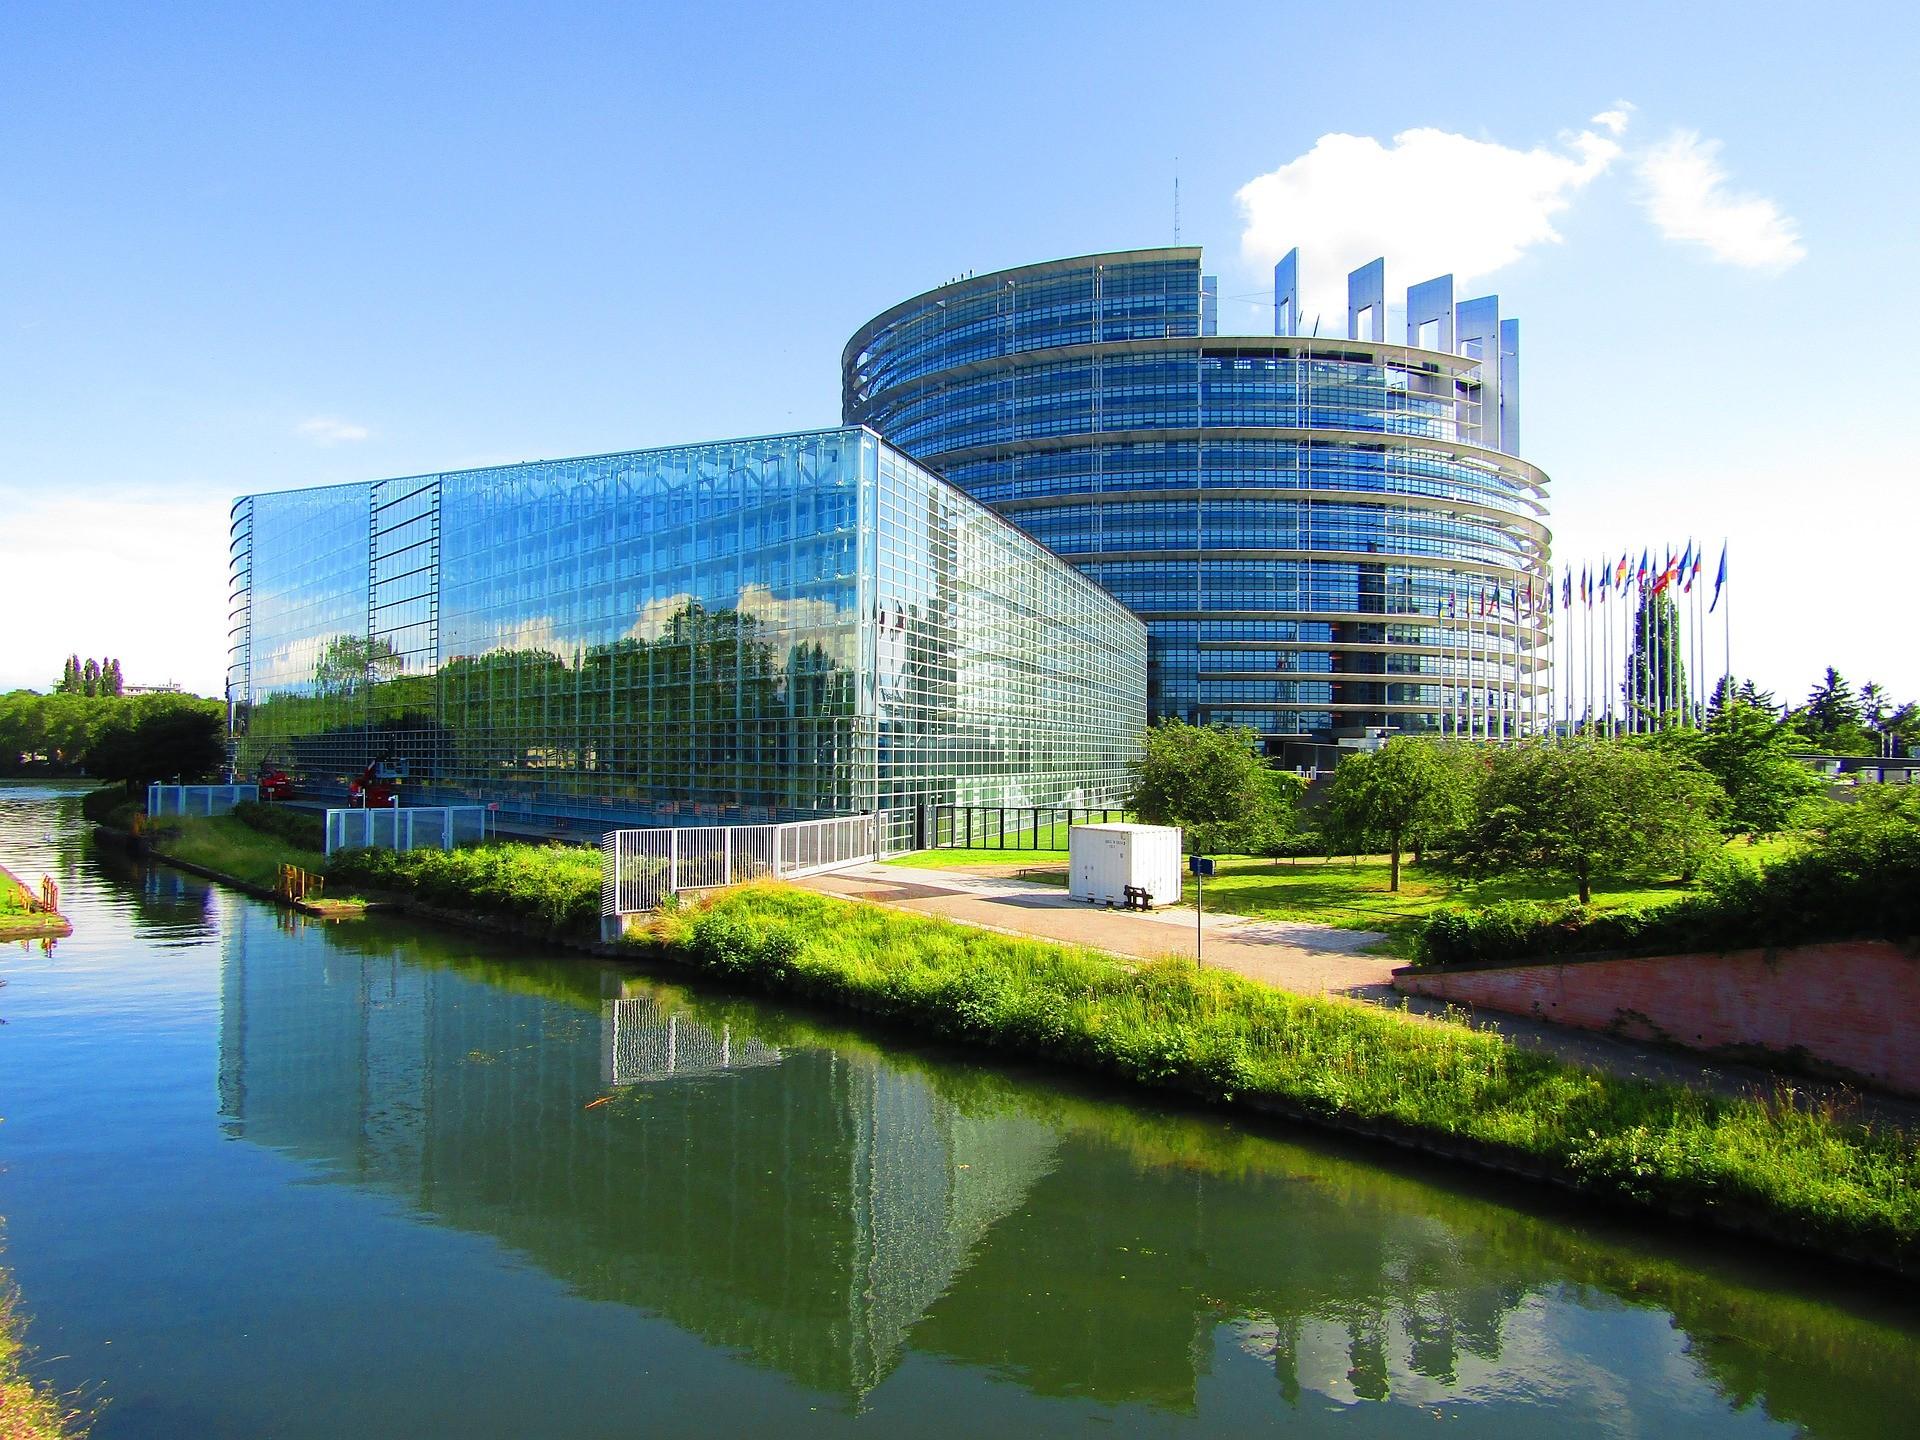 Маски: суд Страсбурга отменил ее постоянное обязательное ношение.